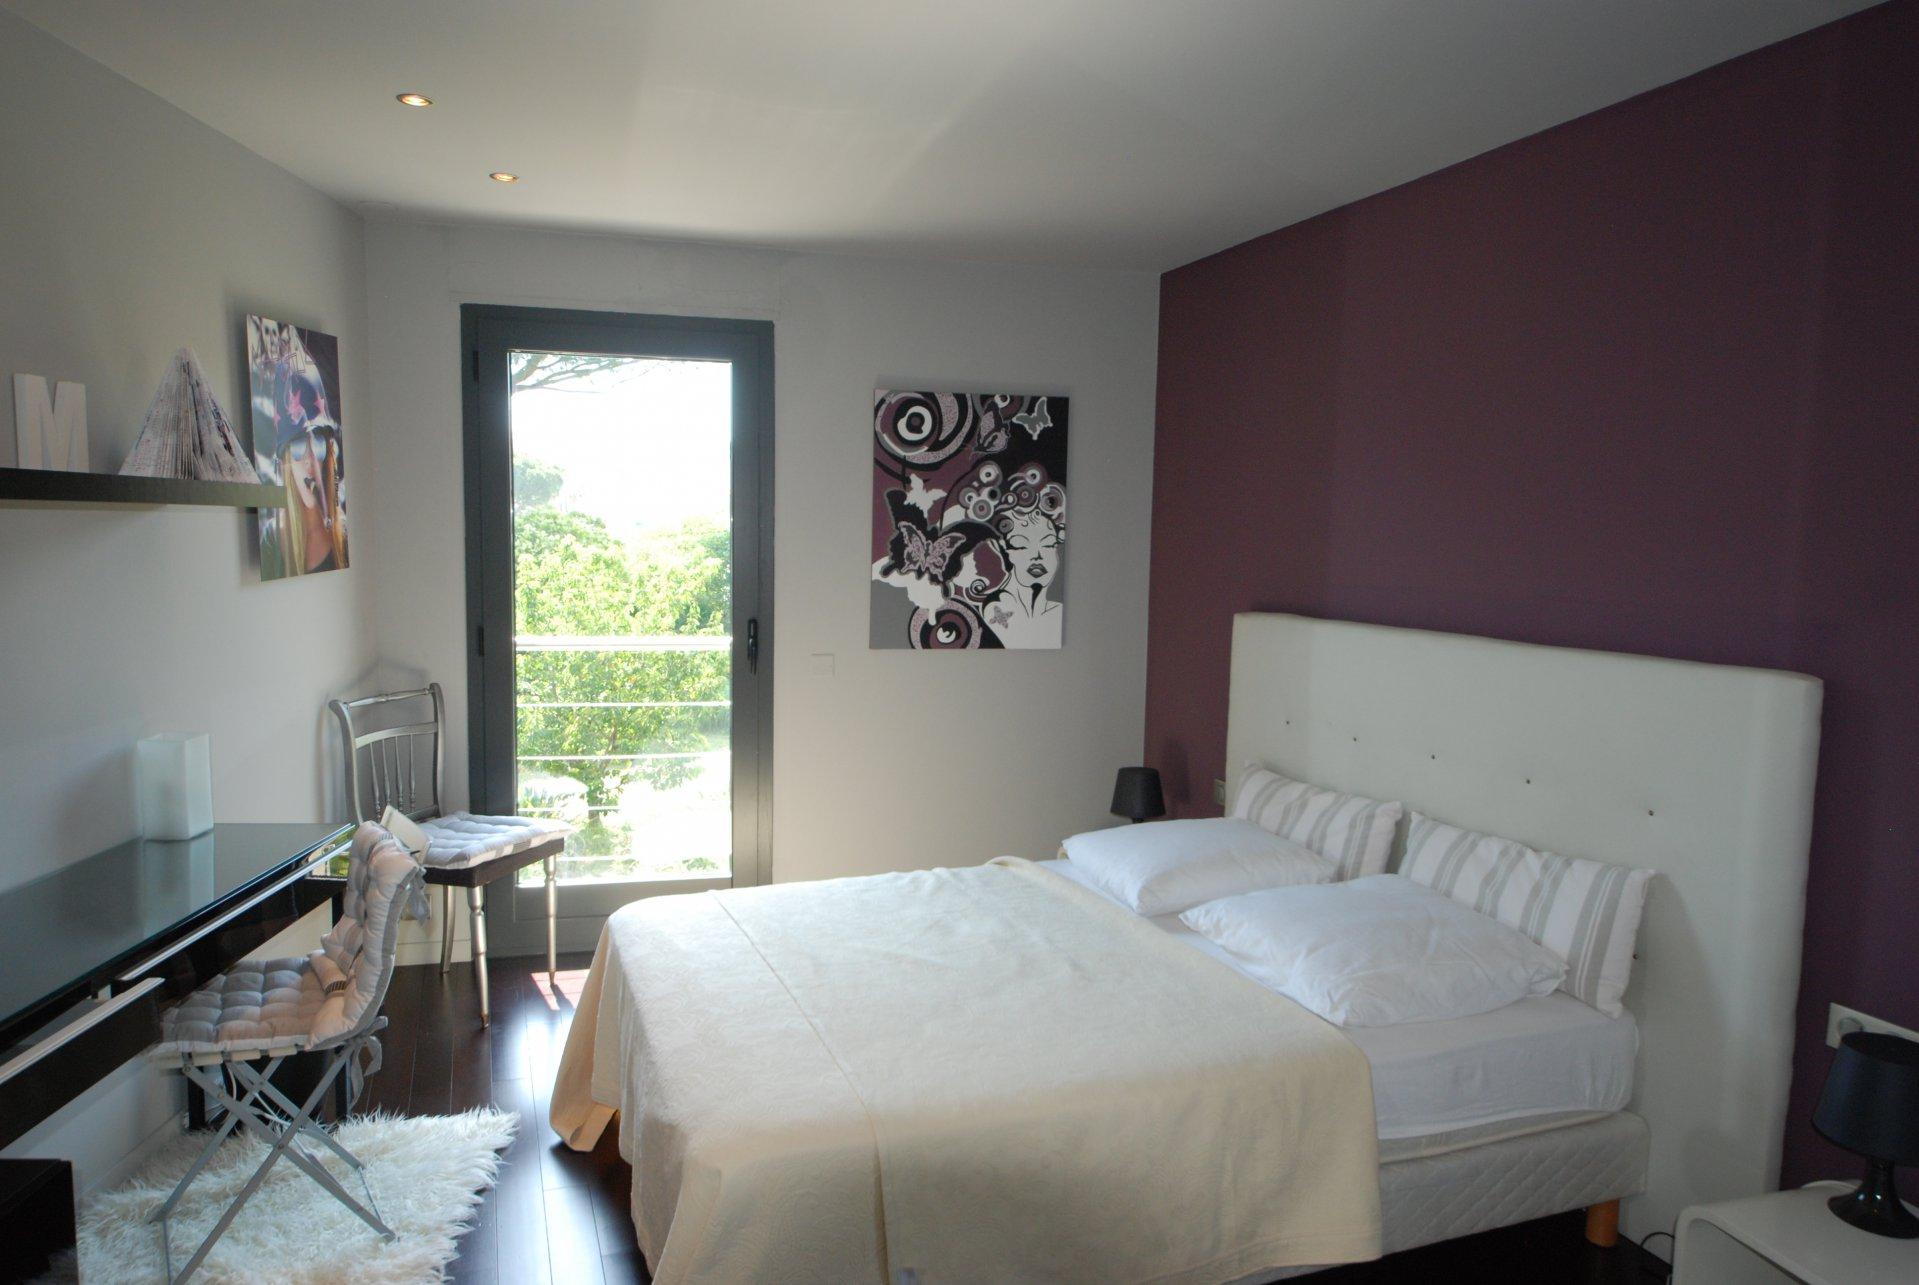 location congrès maison  3 chambres piscine et jardin proche centre de Cannes